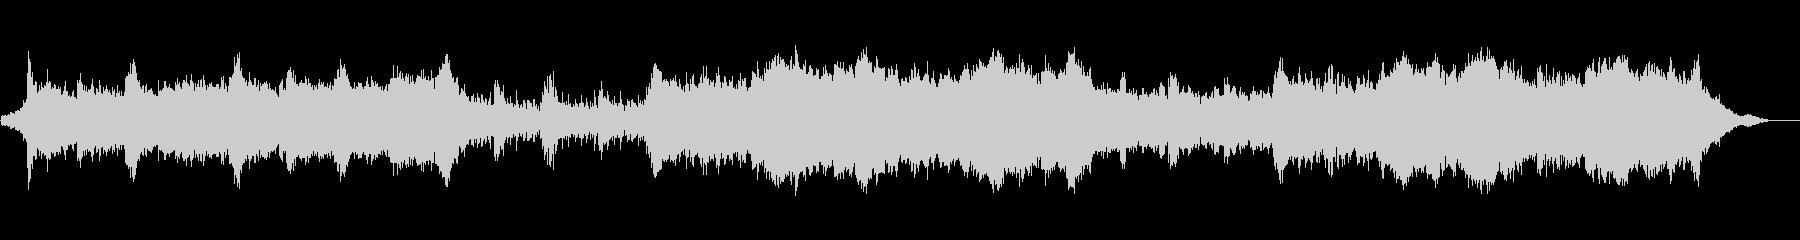 シネマティック エピック テクスチャーの未再生の波形